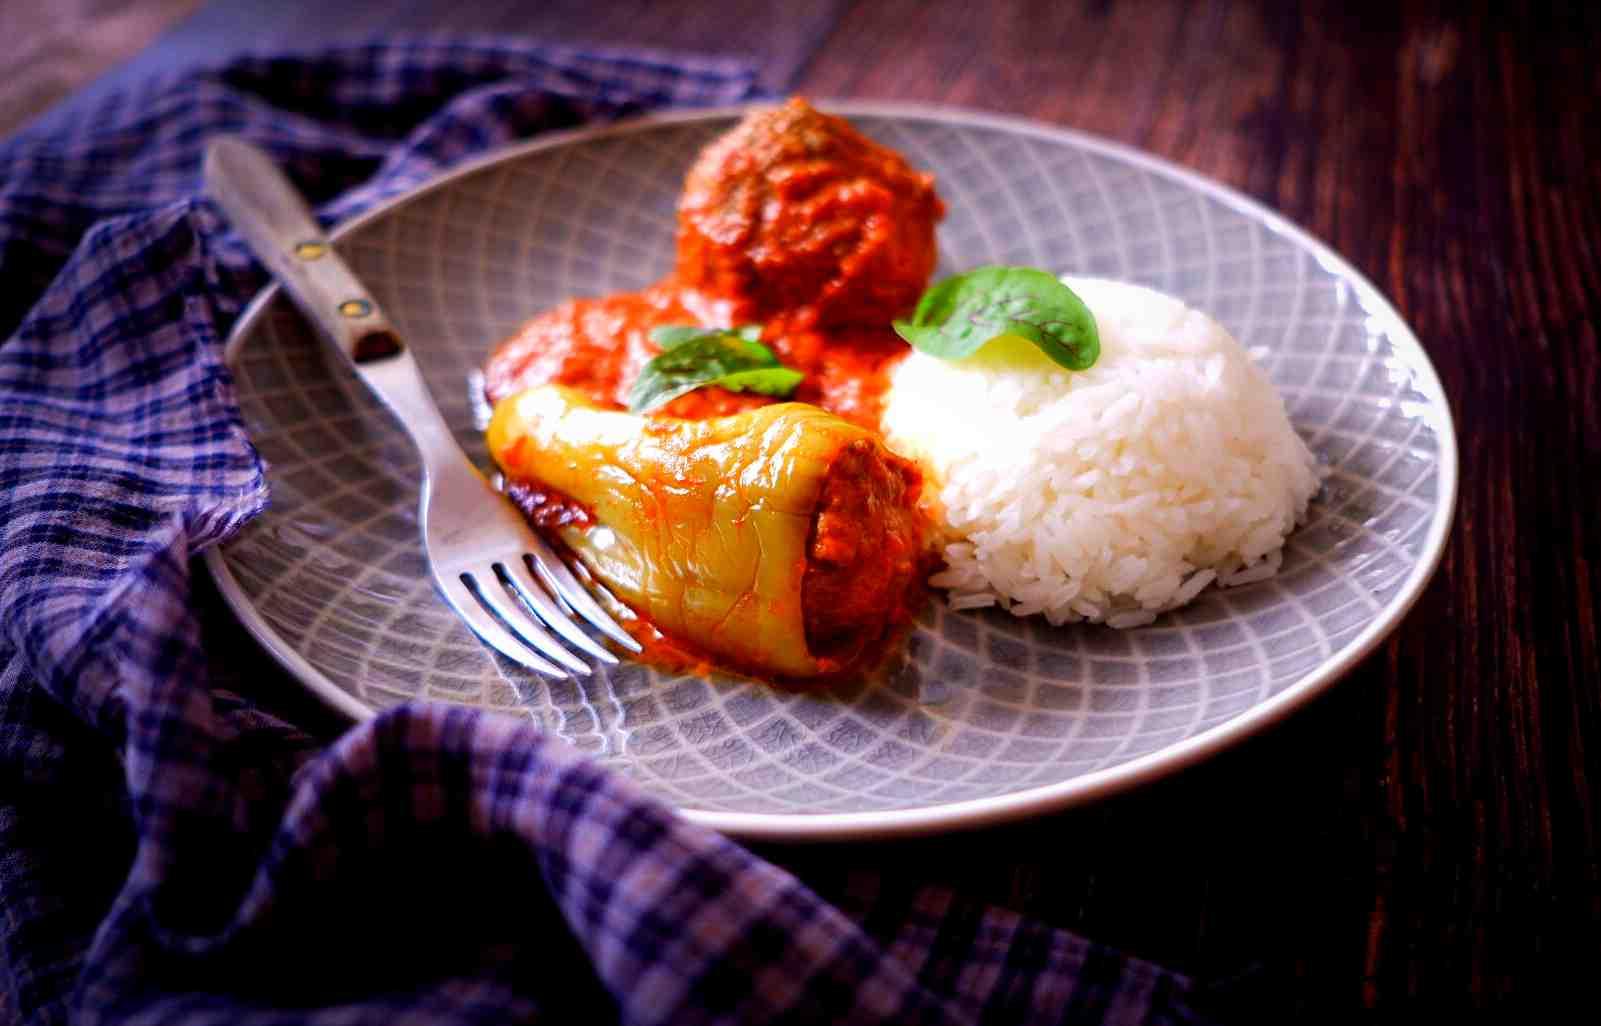 S Klárou vkuchyni: Plněné papriky amasové koule vrajské omáčce